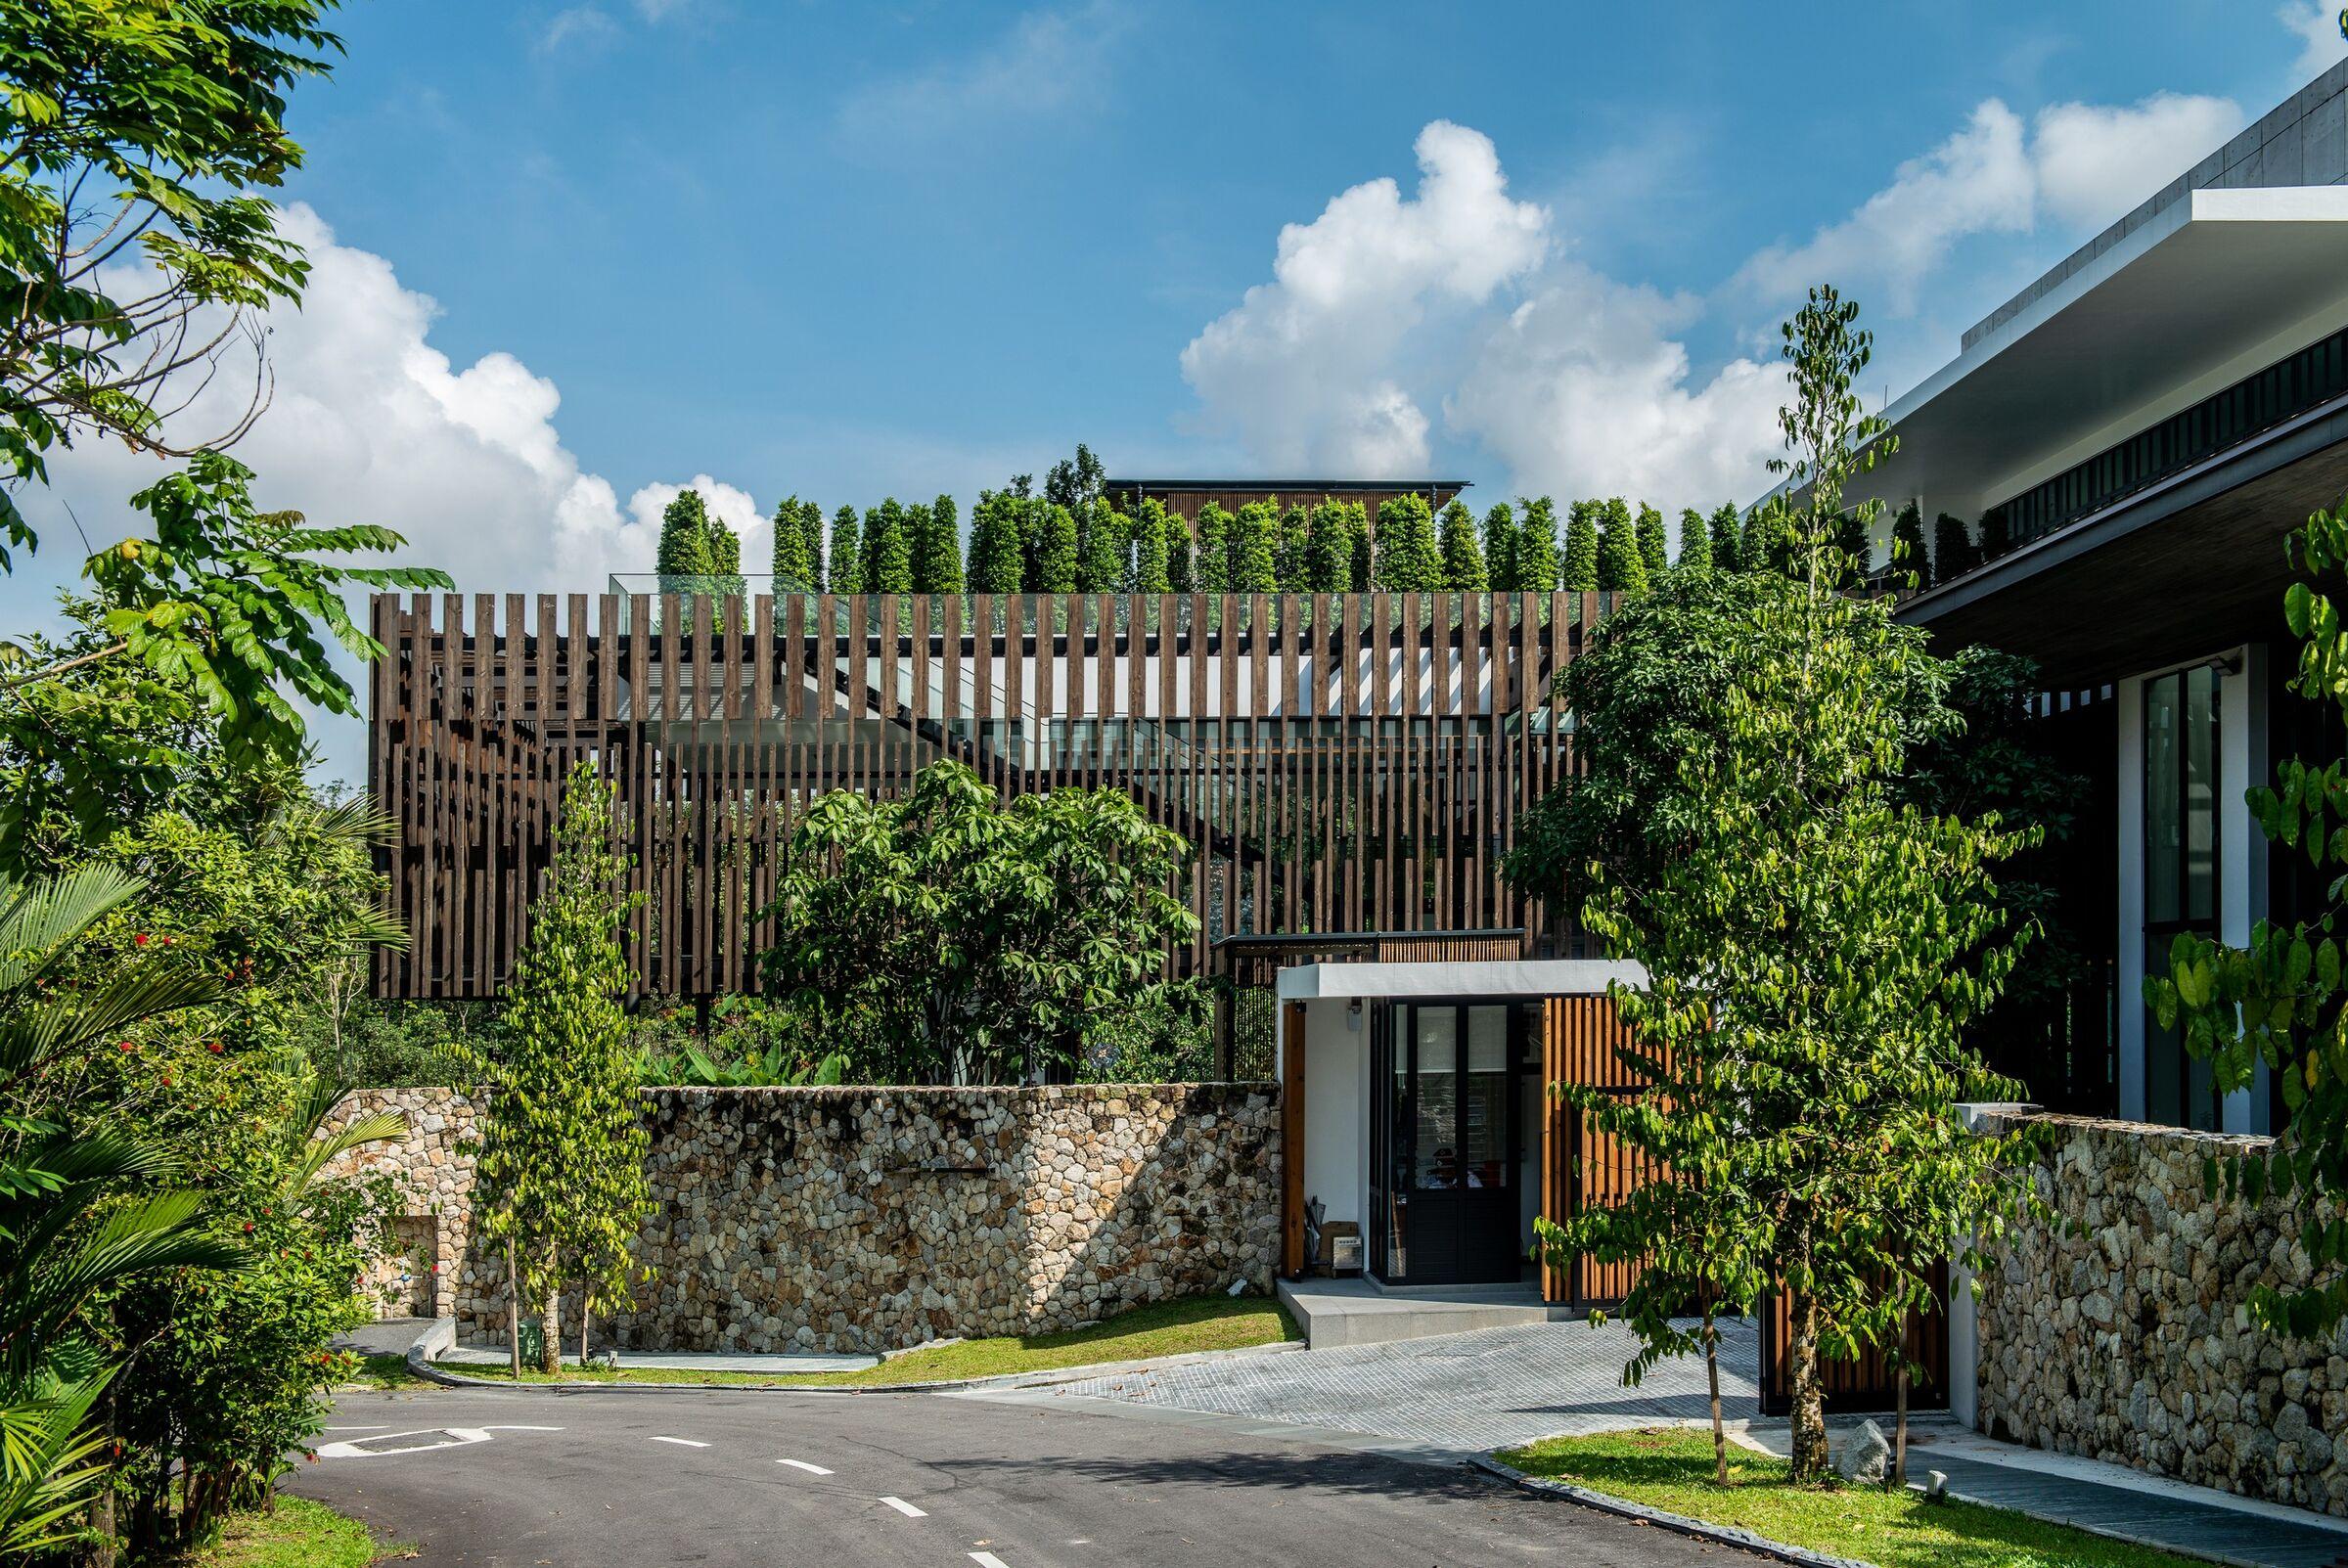 cac mau nha biet thu co san vuon dep nhat the gioi 18 50+ mẫu nhà biệt thự có sân vườn xanh mát mê mọi góc cạnh của thế giới